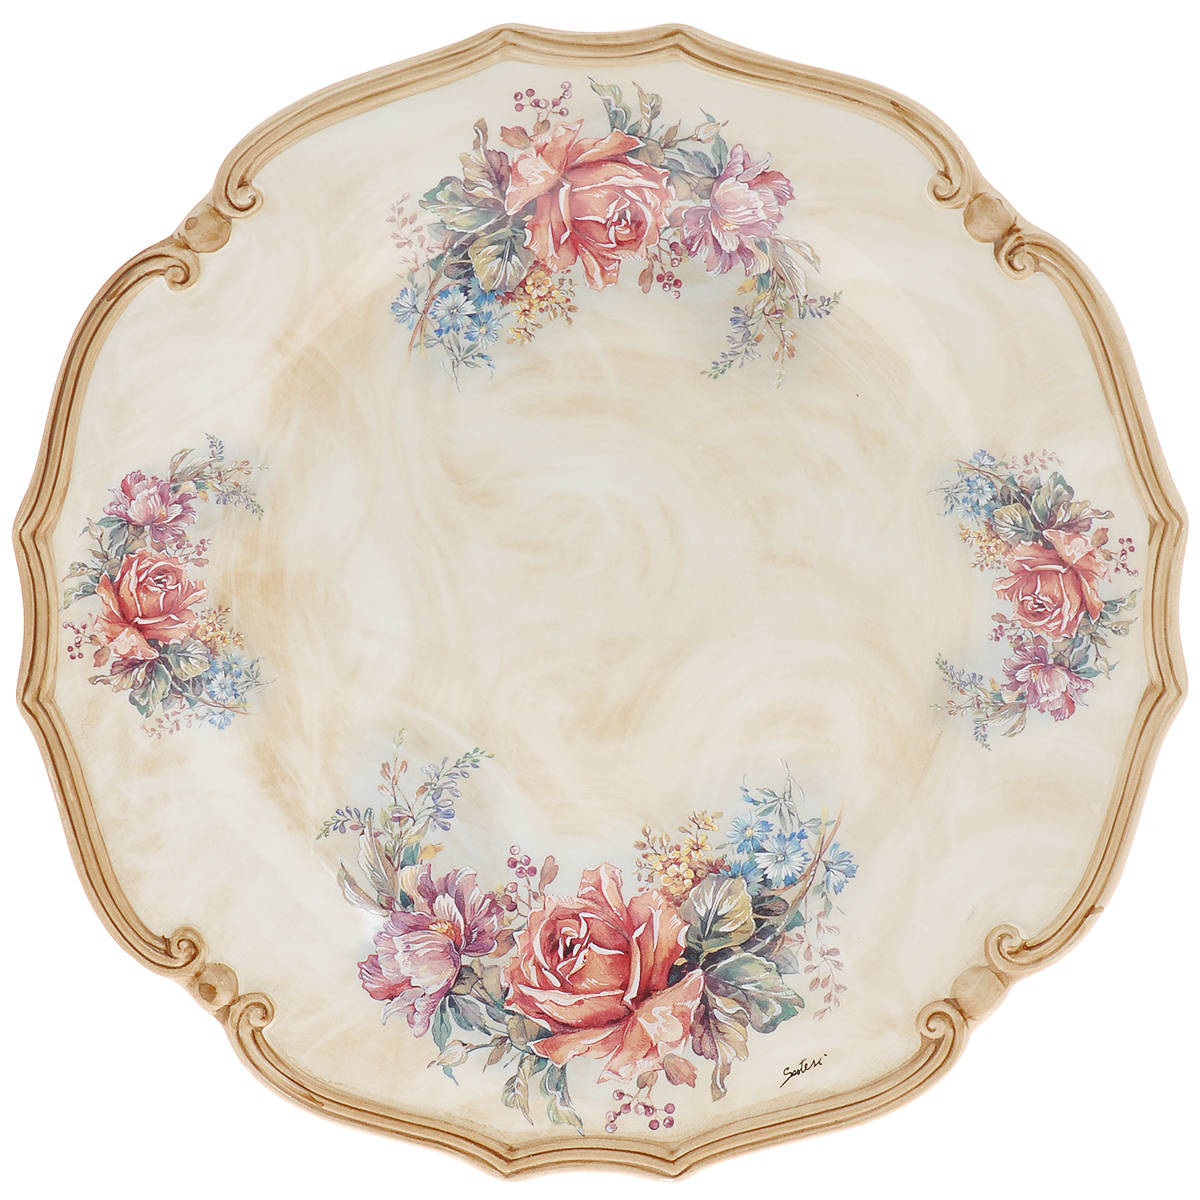 Блюдо LCS Элианто, диаметр 36,5 смLCS039-EL-ALКруглое блюдо Элианто, изготовленное из керамики, станет достойным украшением вашего стола. Блюдо с рельефными краями выполнено в бежево-коричневой гамме с нанесением цветочного рисунка. Изящный дизайн и красочность оформления придутся по вкусу и ценителям классики, и тем, кто предпочитает утонченность и изысканность. Блюдо Элианто украсит сервировку вашего стола и подчеркнет прекрасный вкус хозяина, а также станет отличным подарком.